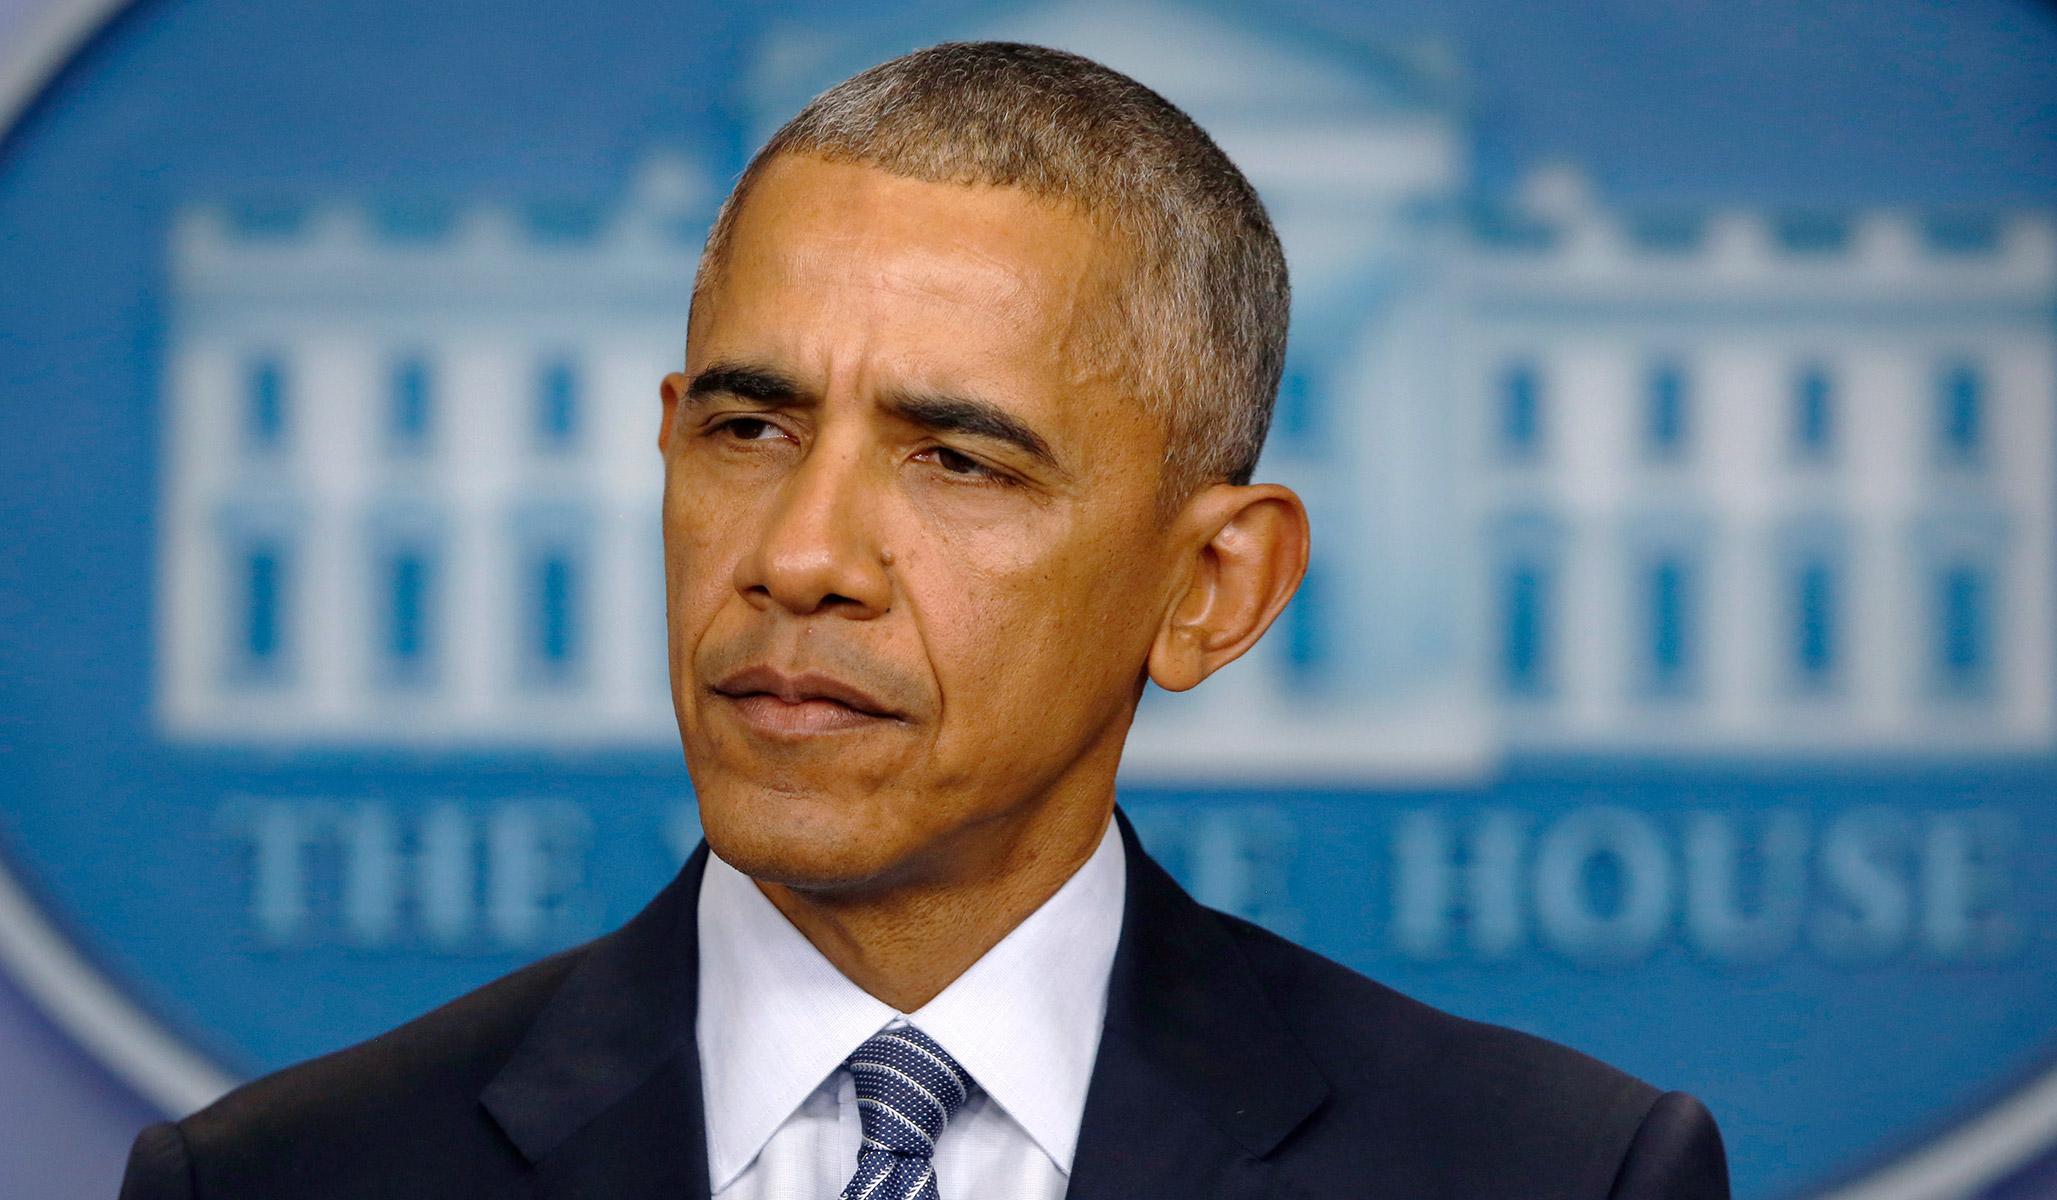 Die Untersuchung des US-Senats zeigt, dass die Obama-Administration wissentlich eine Al-Qaida-Organisation finanziert hat